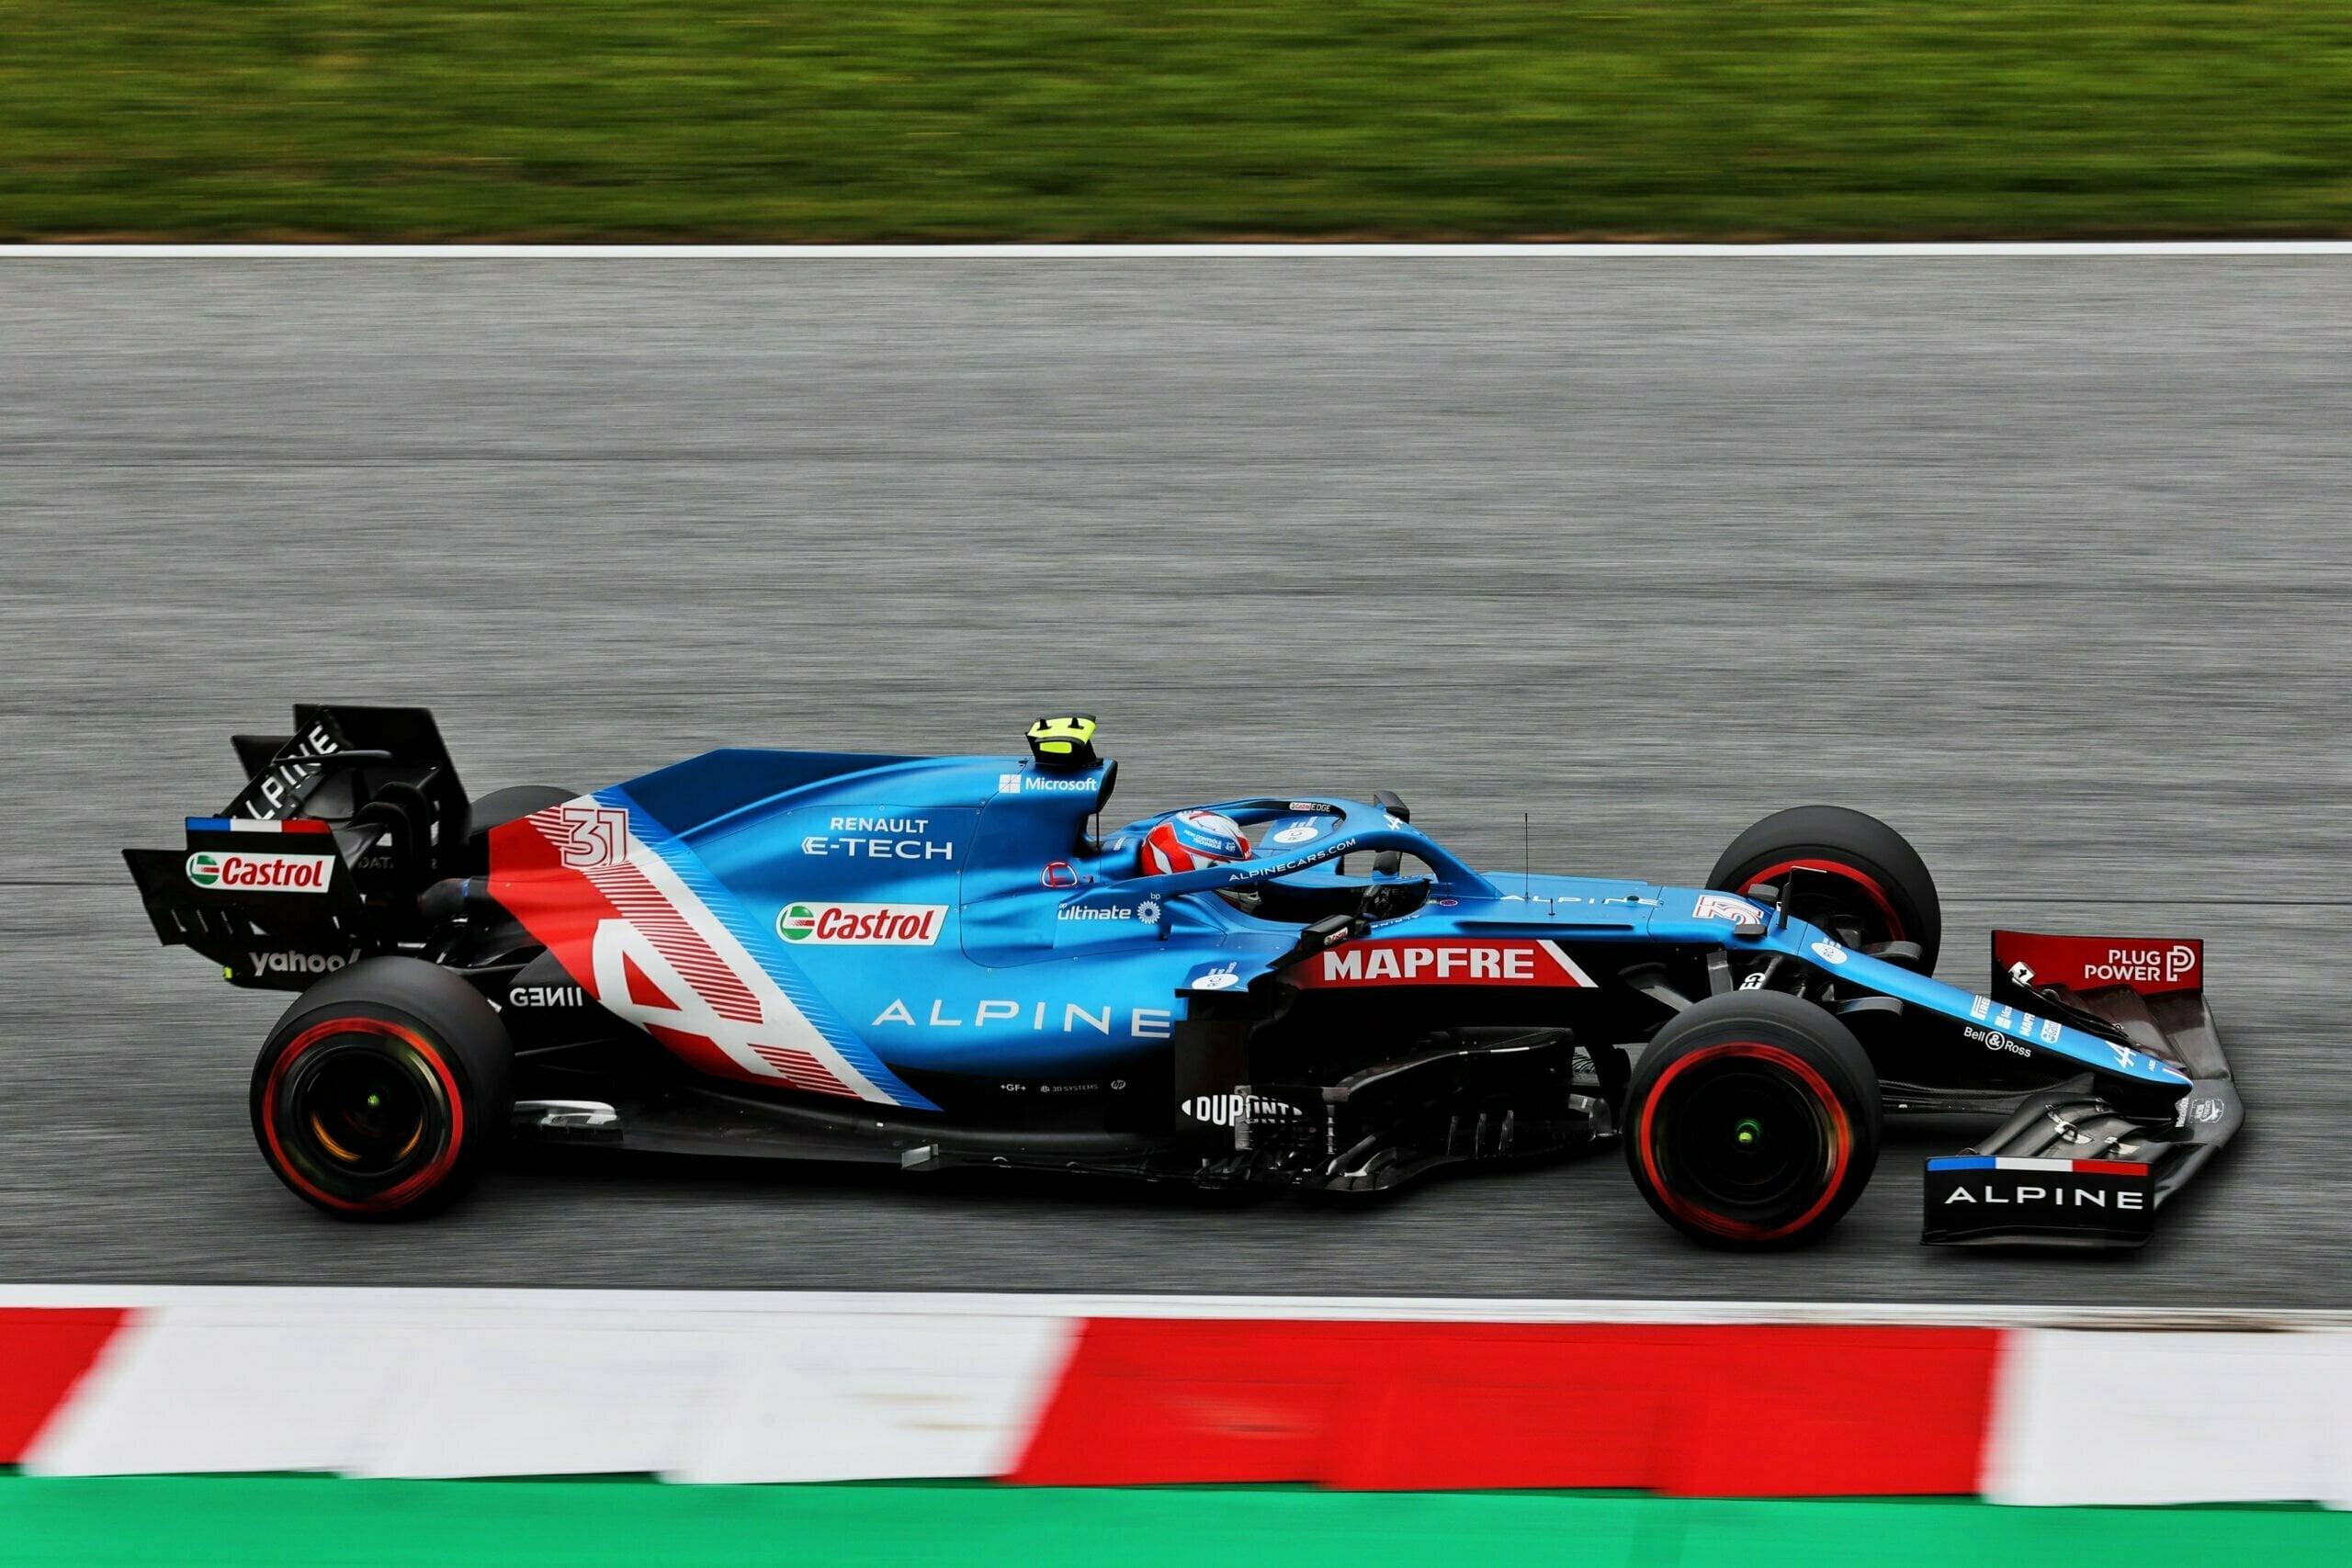 Alpine F1 Alonso Ocon A521 GP Autriche Spielberg 2021 16 scaled | Alpine F1 : Alonso rapporte un point au Grand-Prix d'Autriche